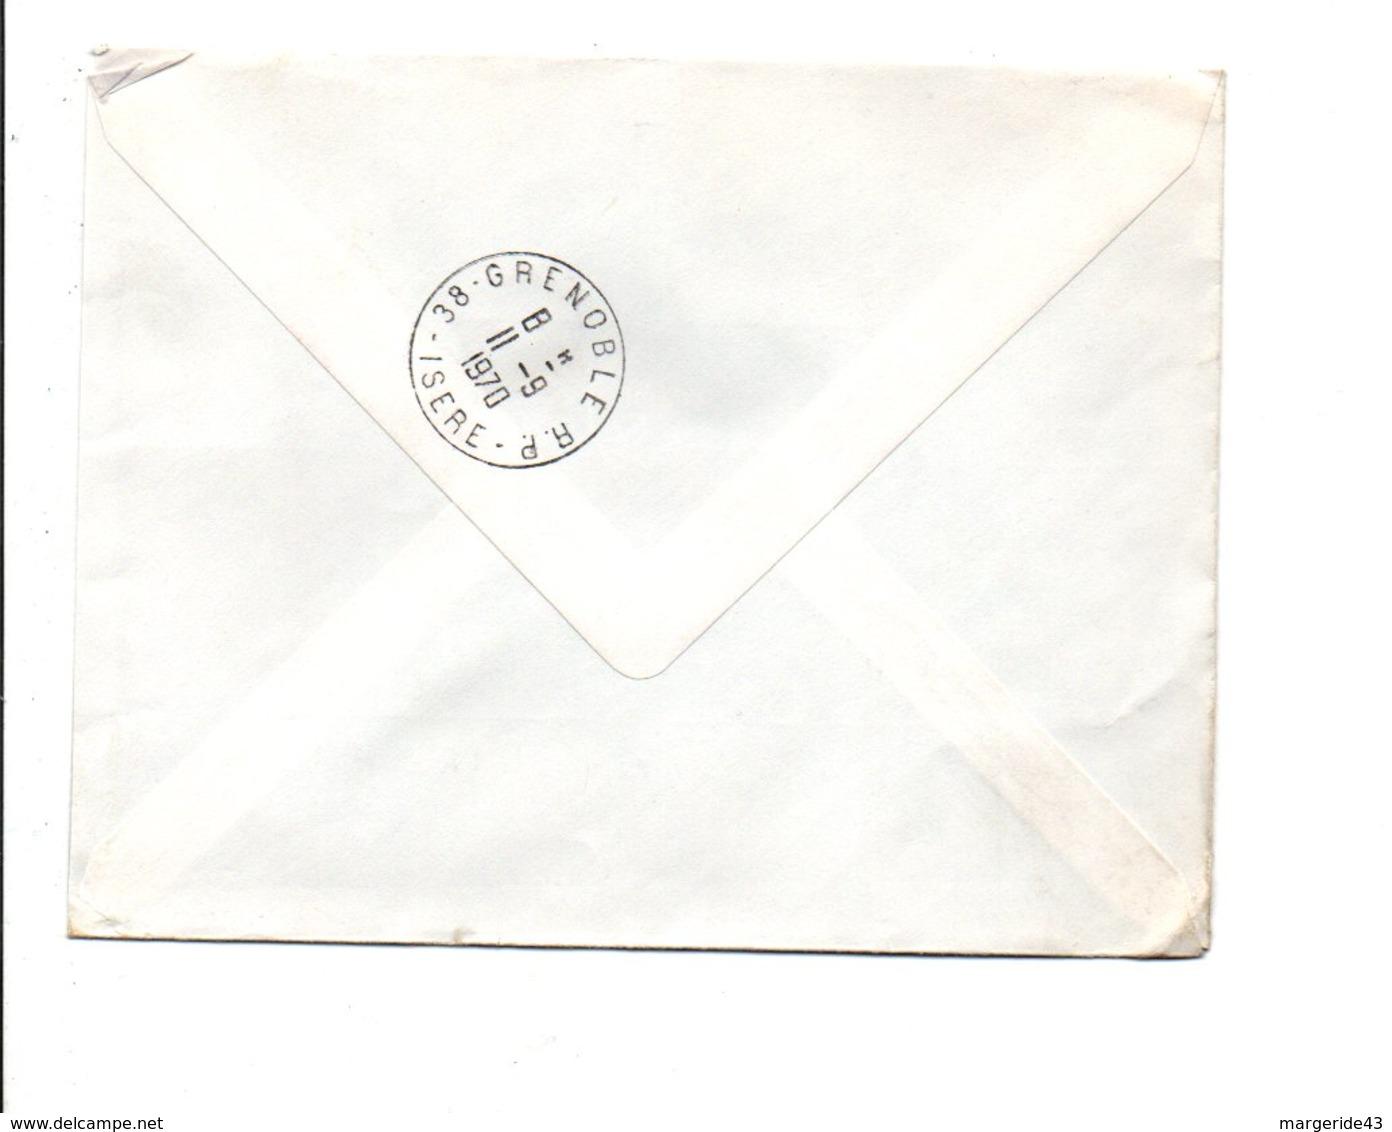 AFFRANCHISSEMENT COMPOSE SUR LETTRE EXPRES DE CORPS ISERE 1970 - Marcophilie (Lettres)